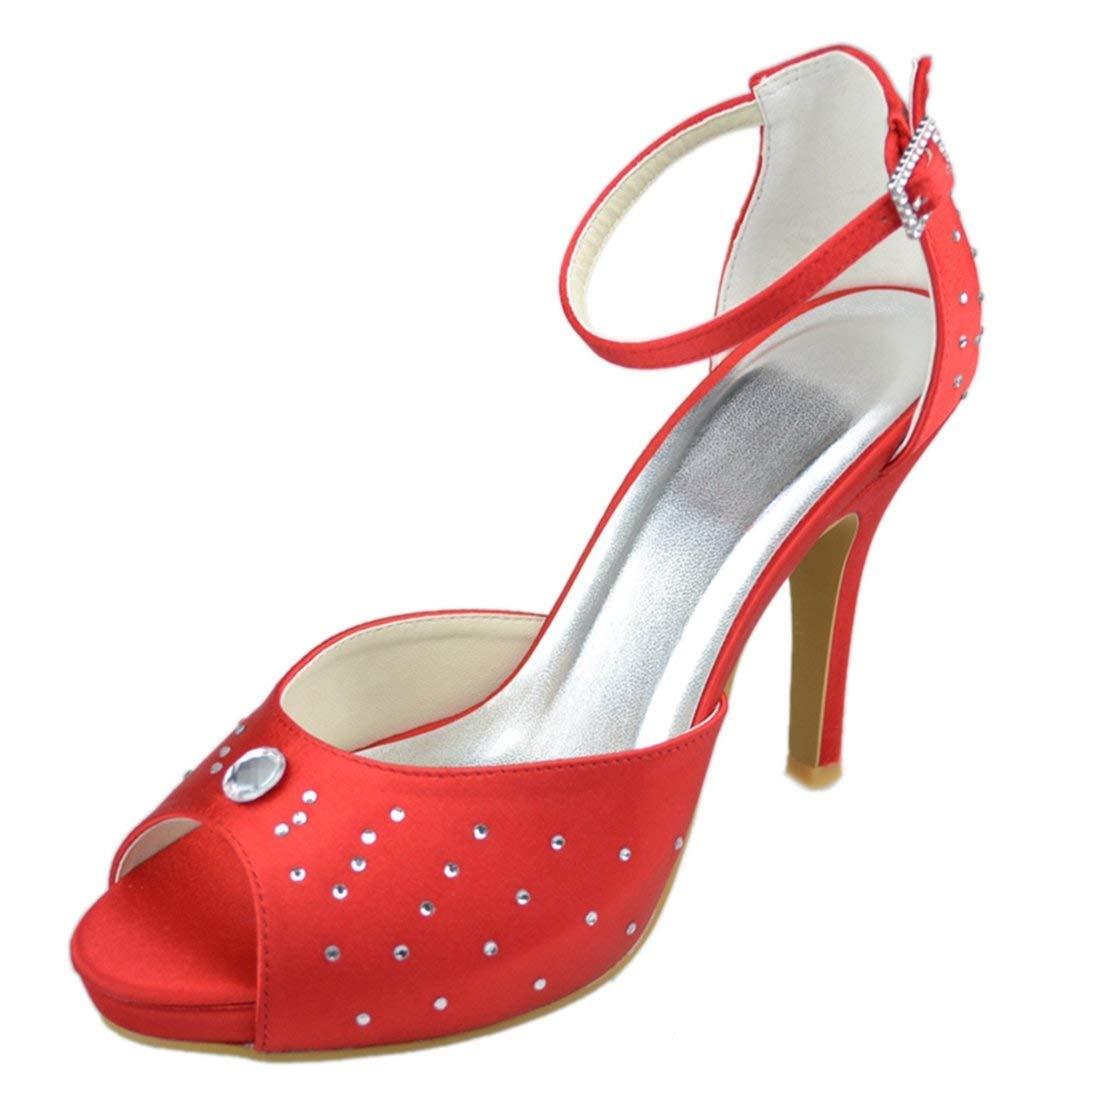 ZHRUI Y111 Damen Stiletto High Heel Satin Abend Party Braut Hochzeit Sparkle Riemchen Kristall Schuhe (Farbe   rot-10cm Heel Größe   5 UK)